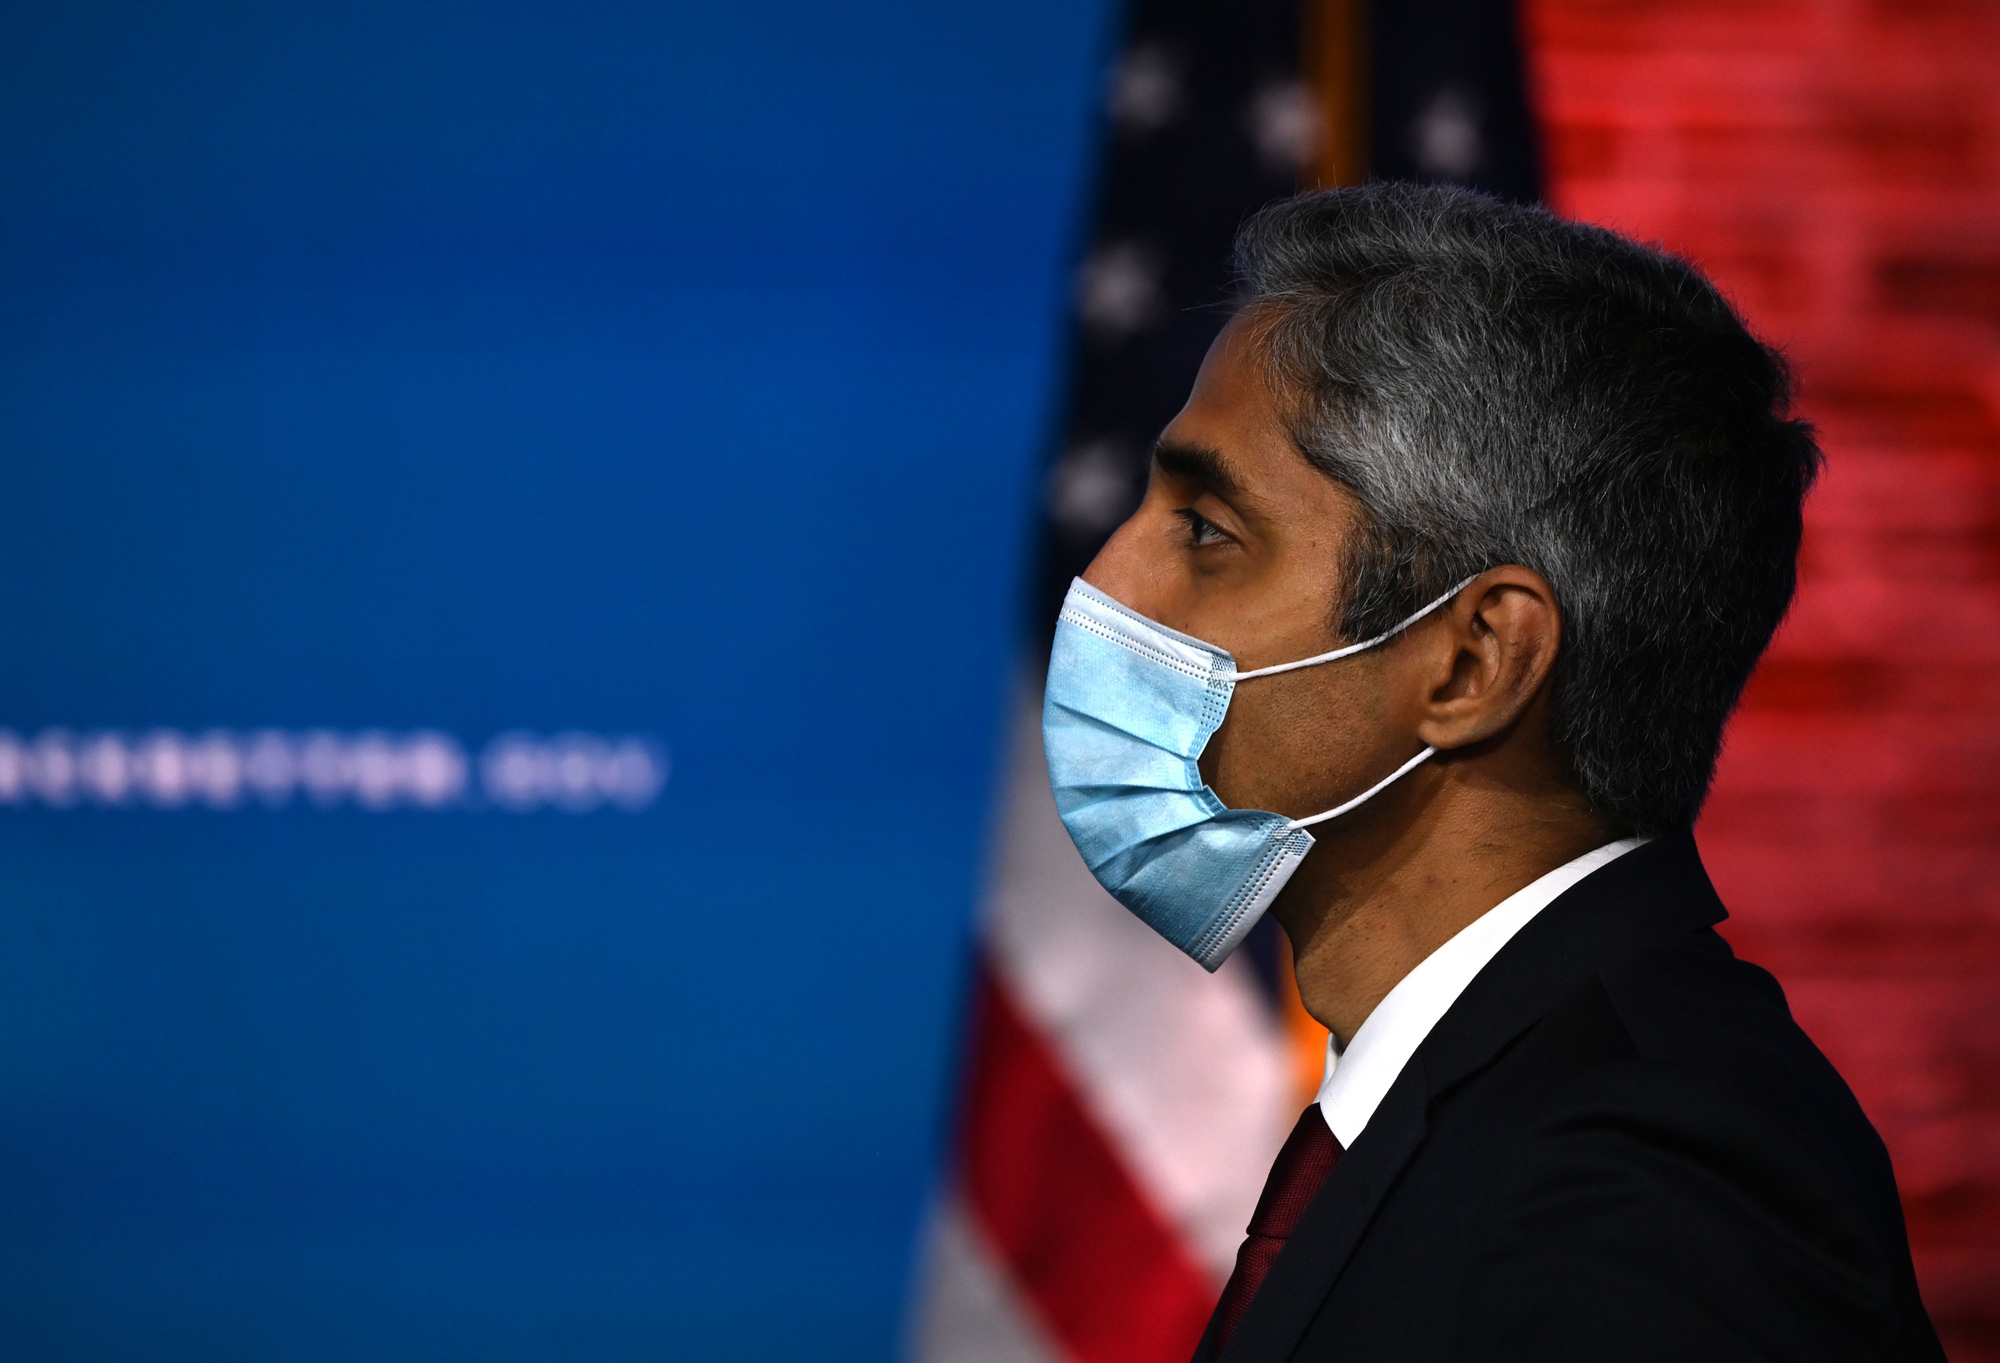 Dr. Vivek Murthy looks on as Joe Biden speaks at The Queen in Wilmington, Delaware, on December 8, 2020.